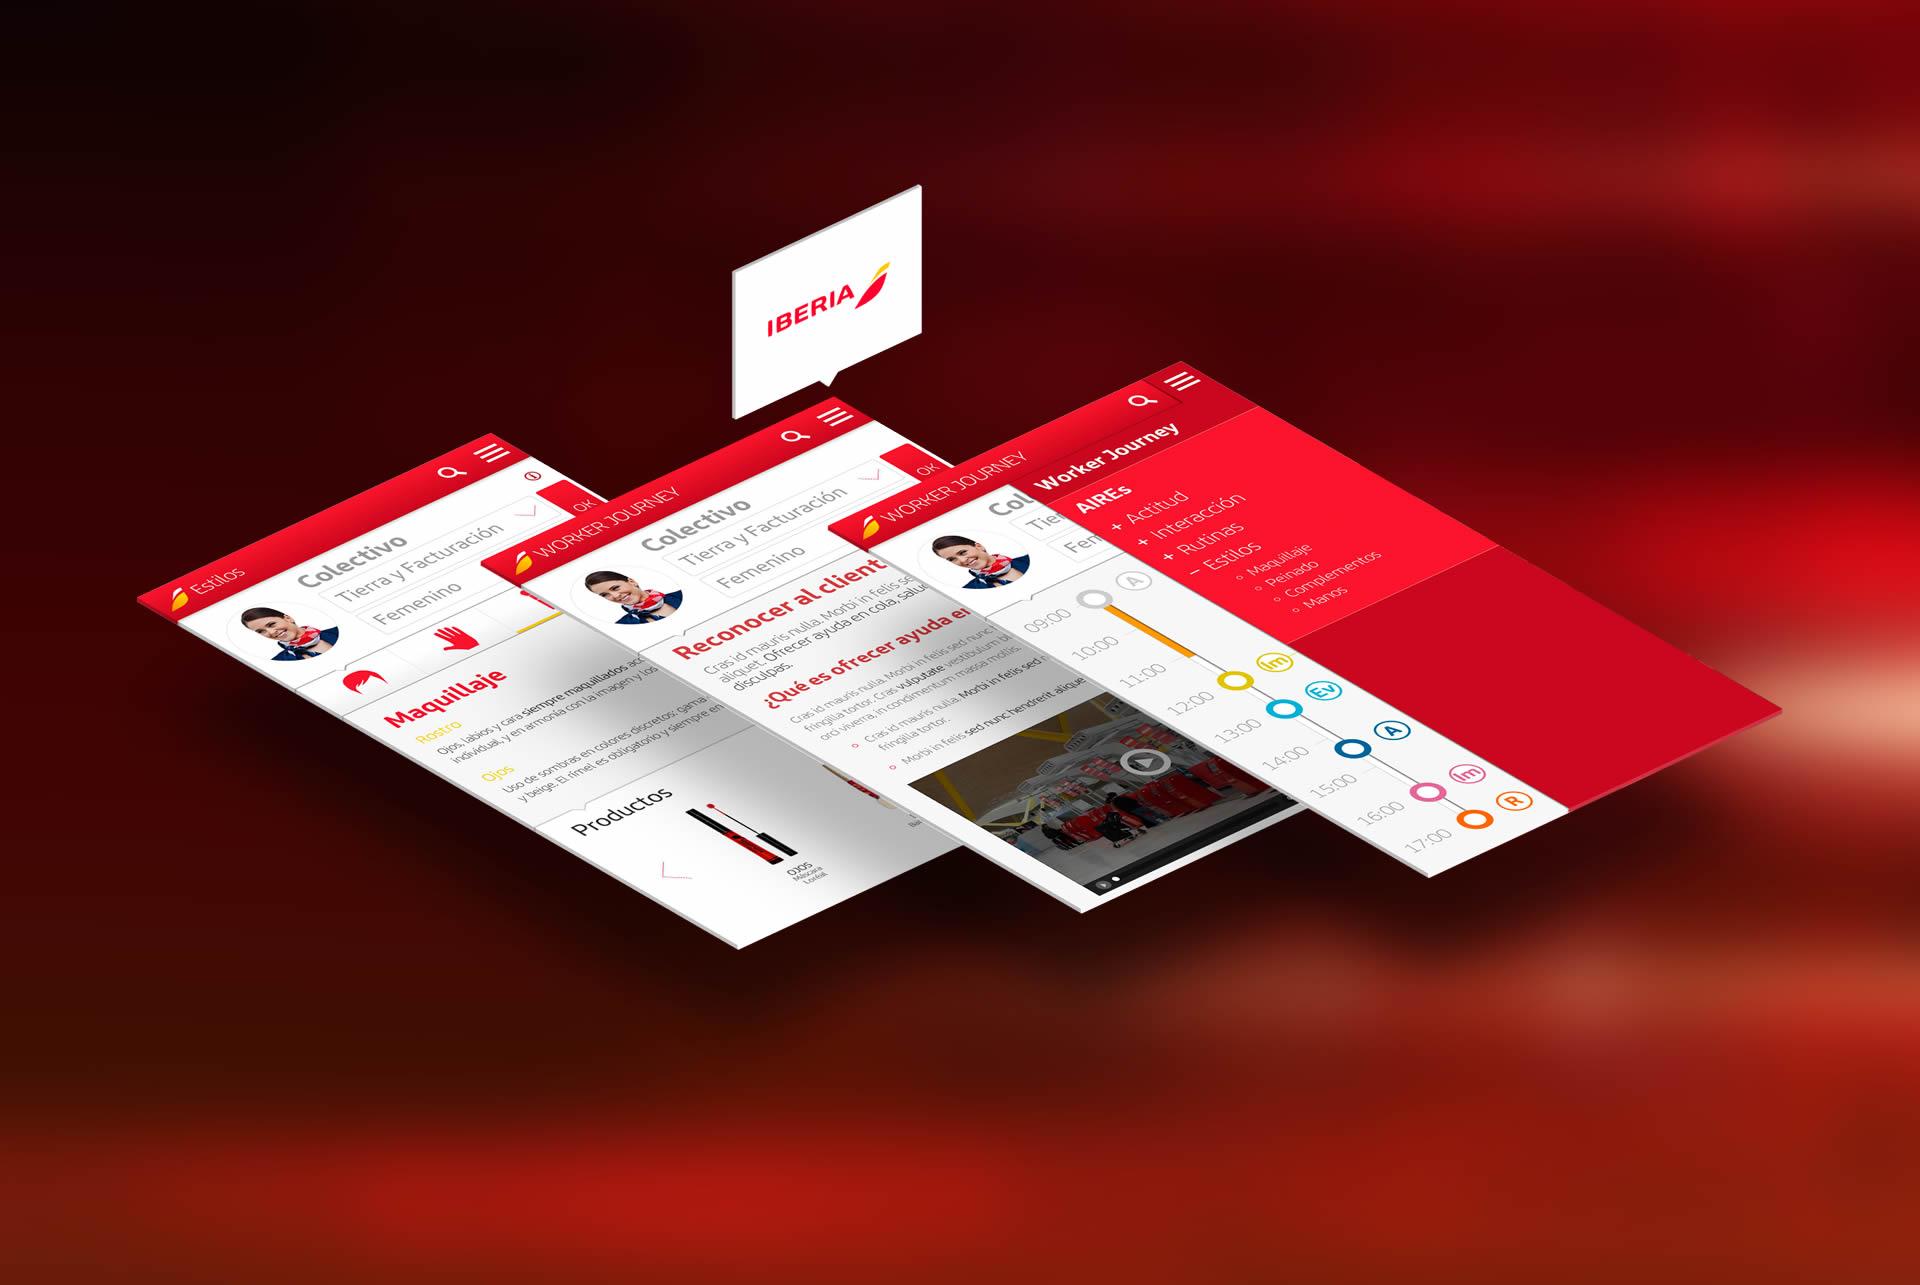 iberia-cx-experiencia-cliente-babel-apttitud-app-ios-android